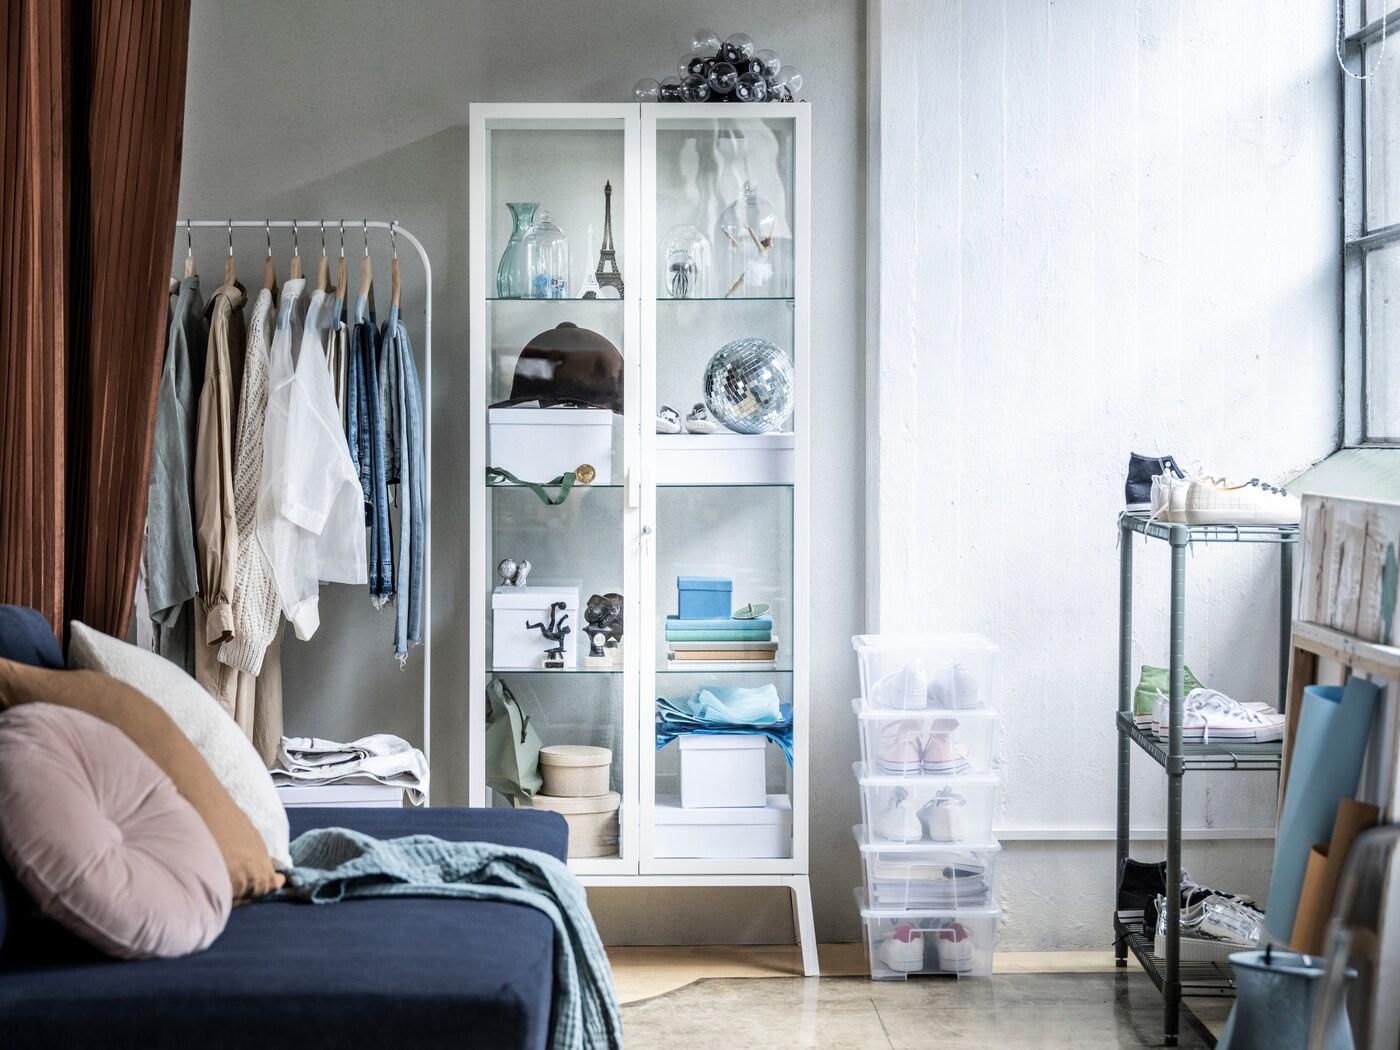 Bílý pokoj s modrou pohovkou a bílým šatním stojanem MULIG, u zdi stojí bílá vitrína MILSBO. Na podlaze leží několik průhledných krabic SAMLA.